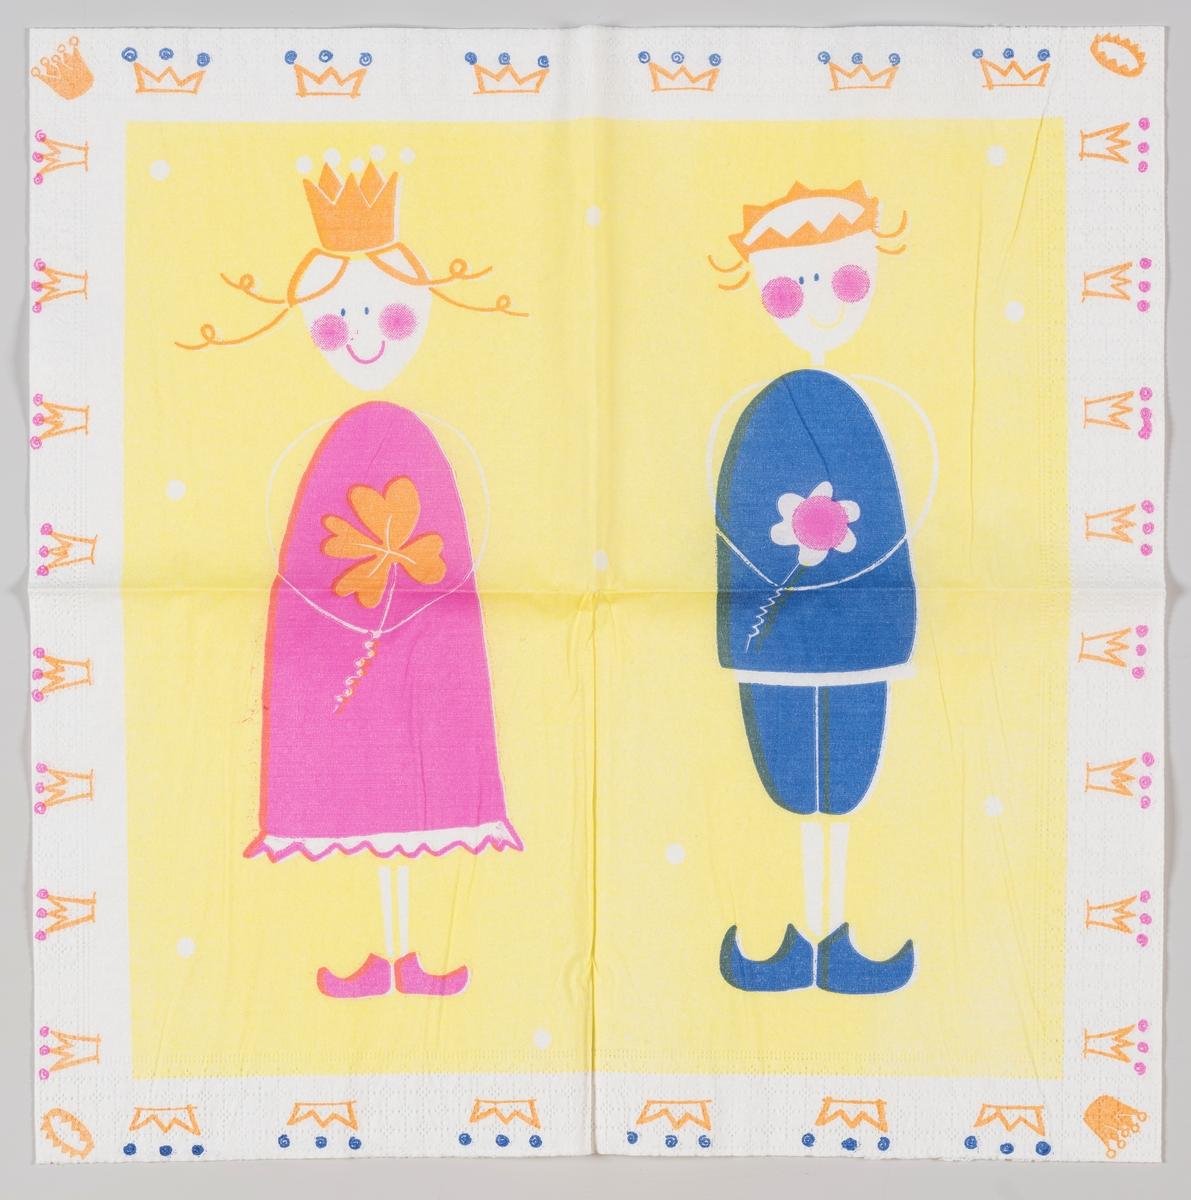 En prins i blått og en prinsesse i rosa og begge med krone. Kroner langs kanten.